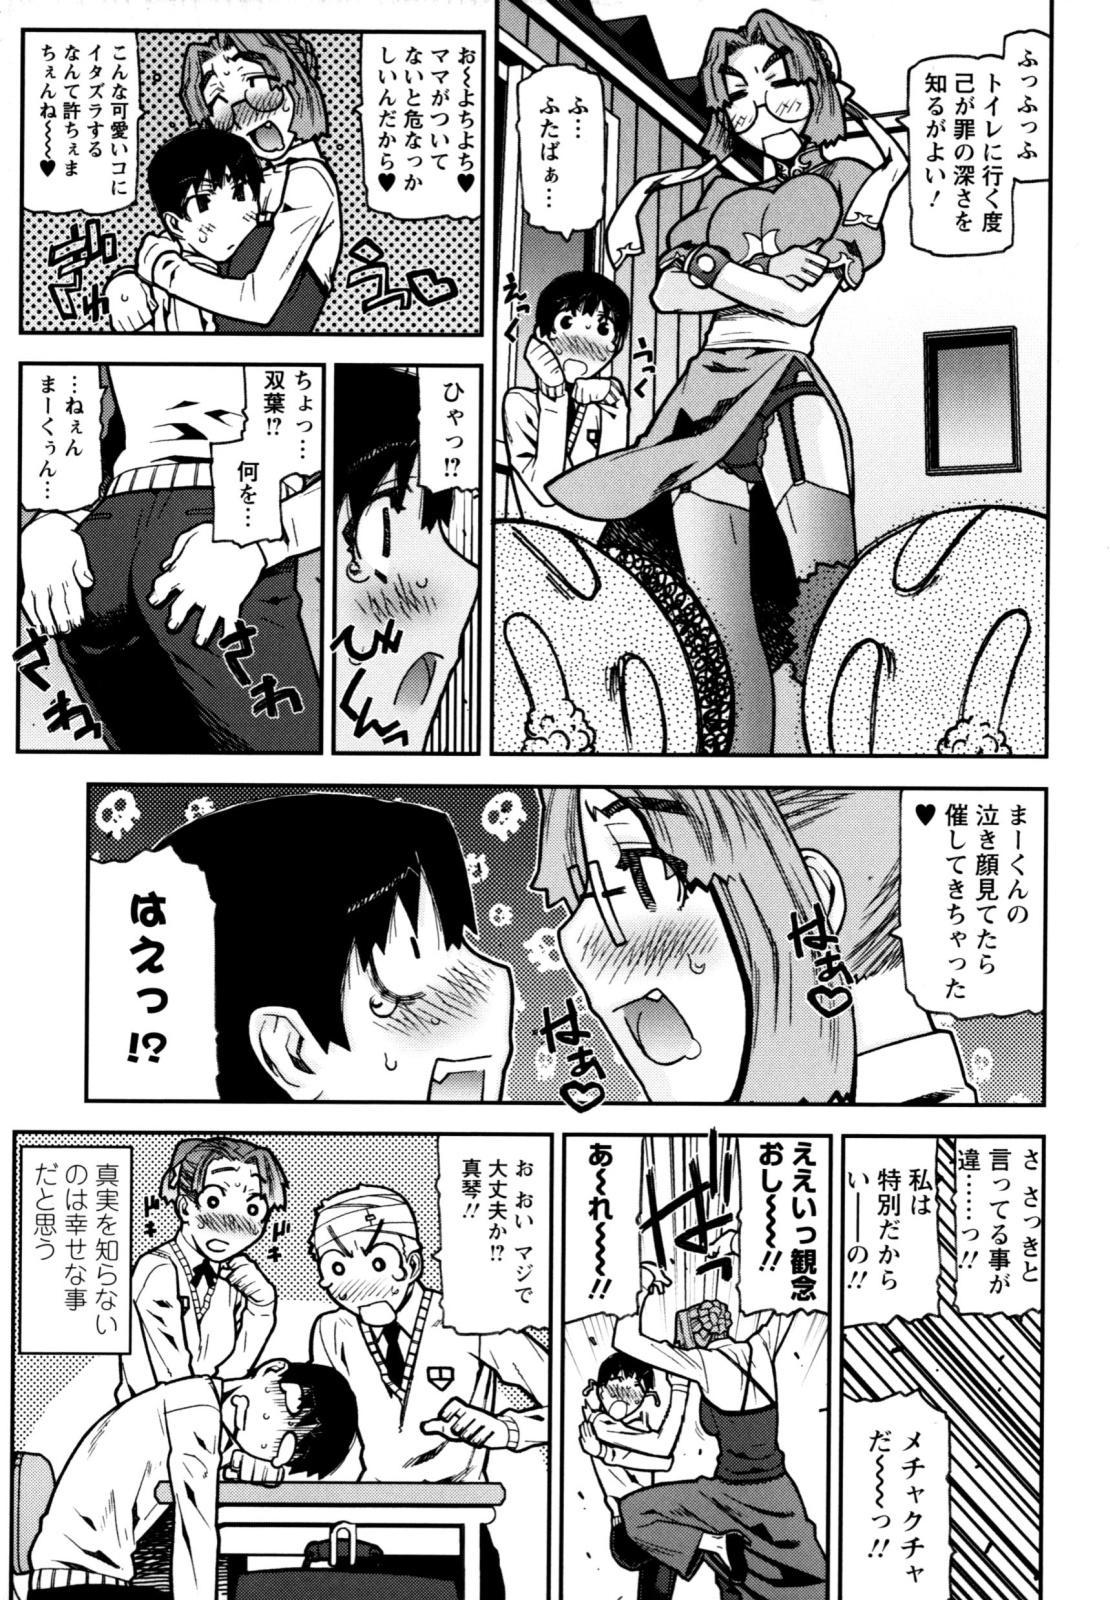 Fukuro no Nakami 52